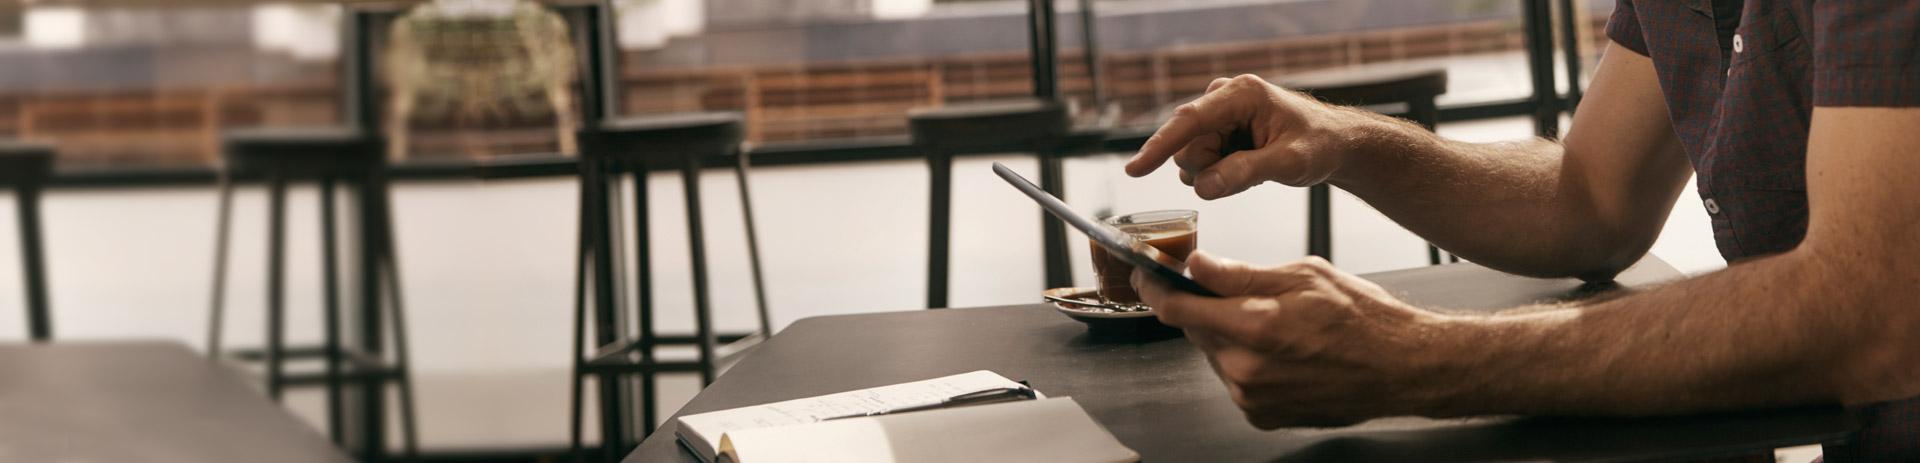 Mann verwendet Tablet